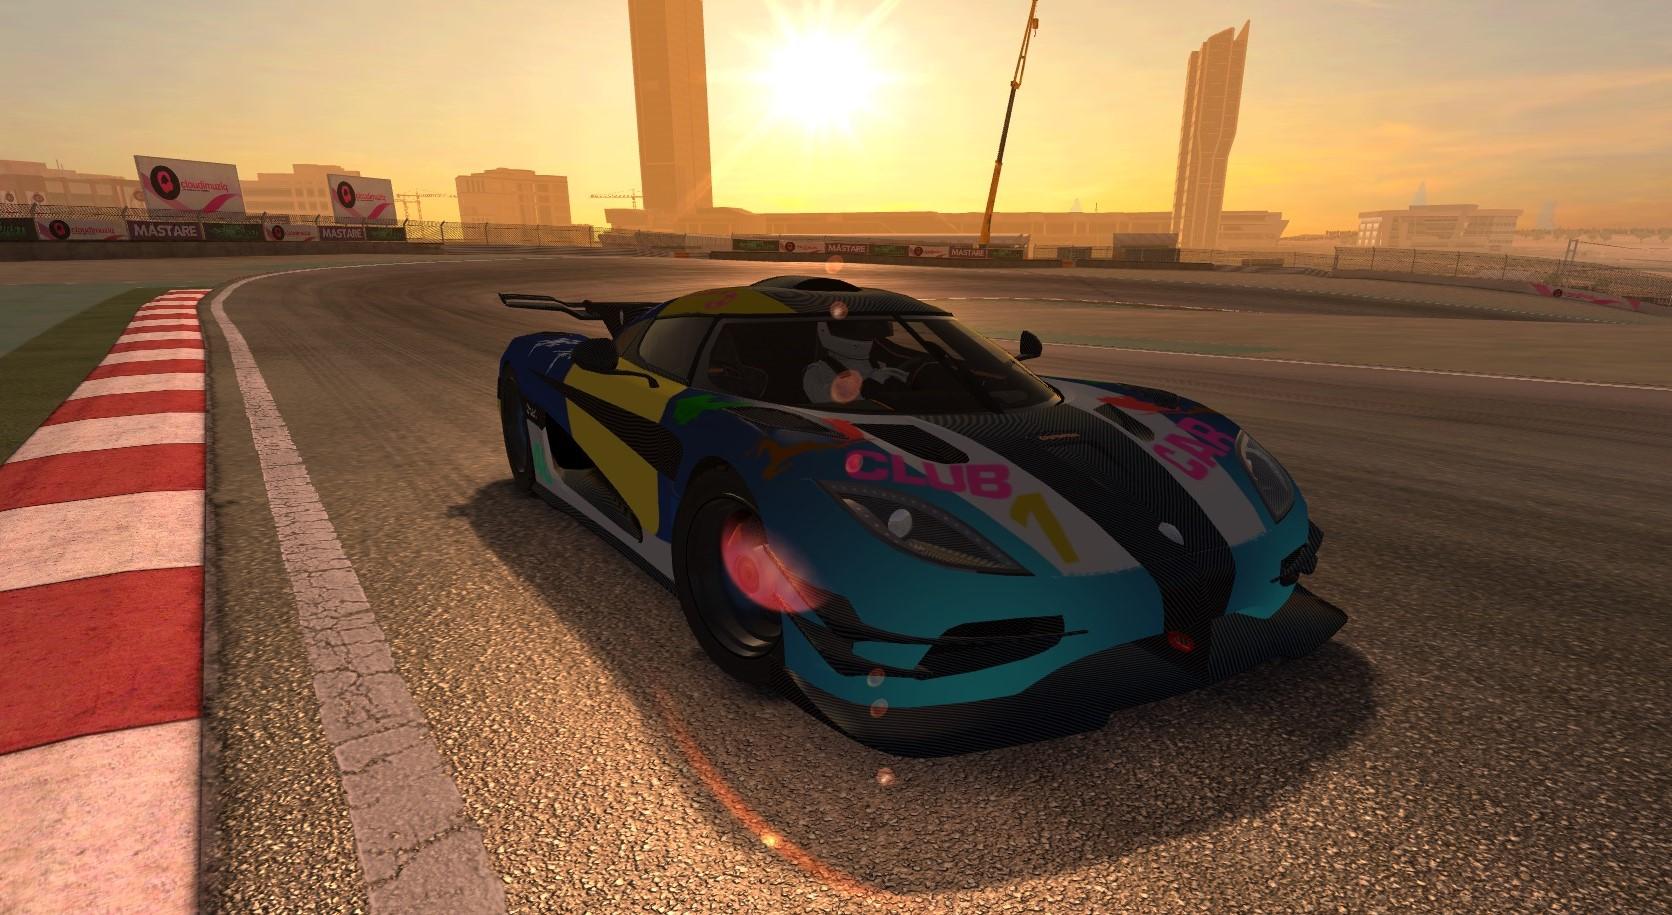 LamboCoin Cars